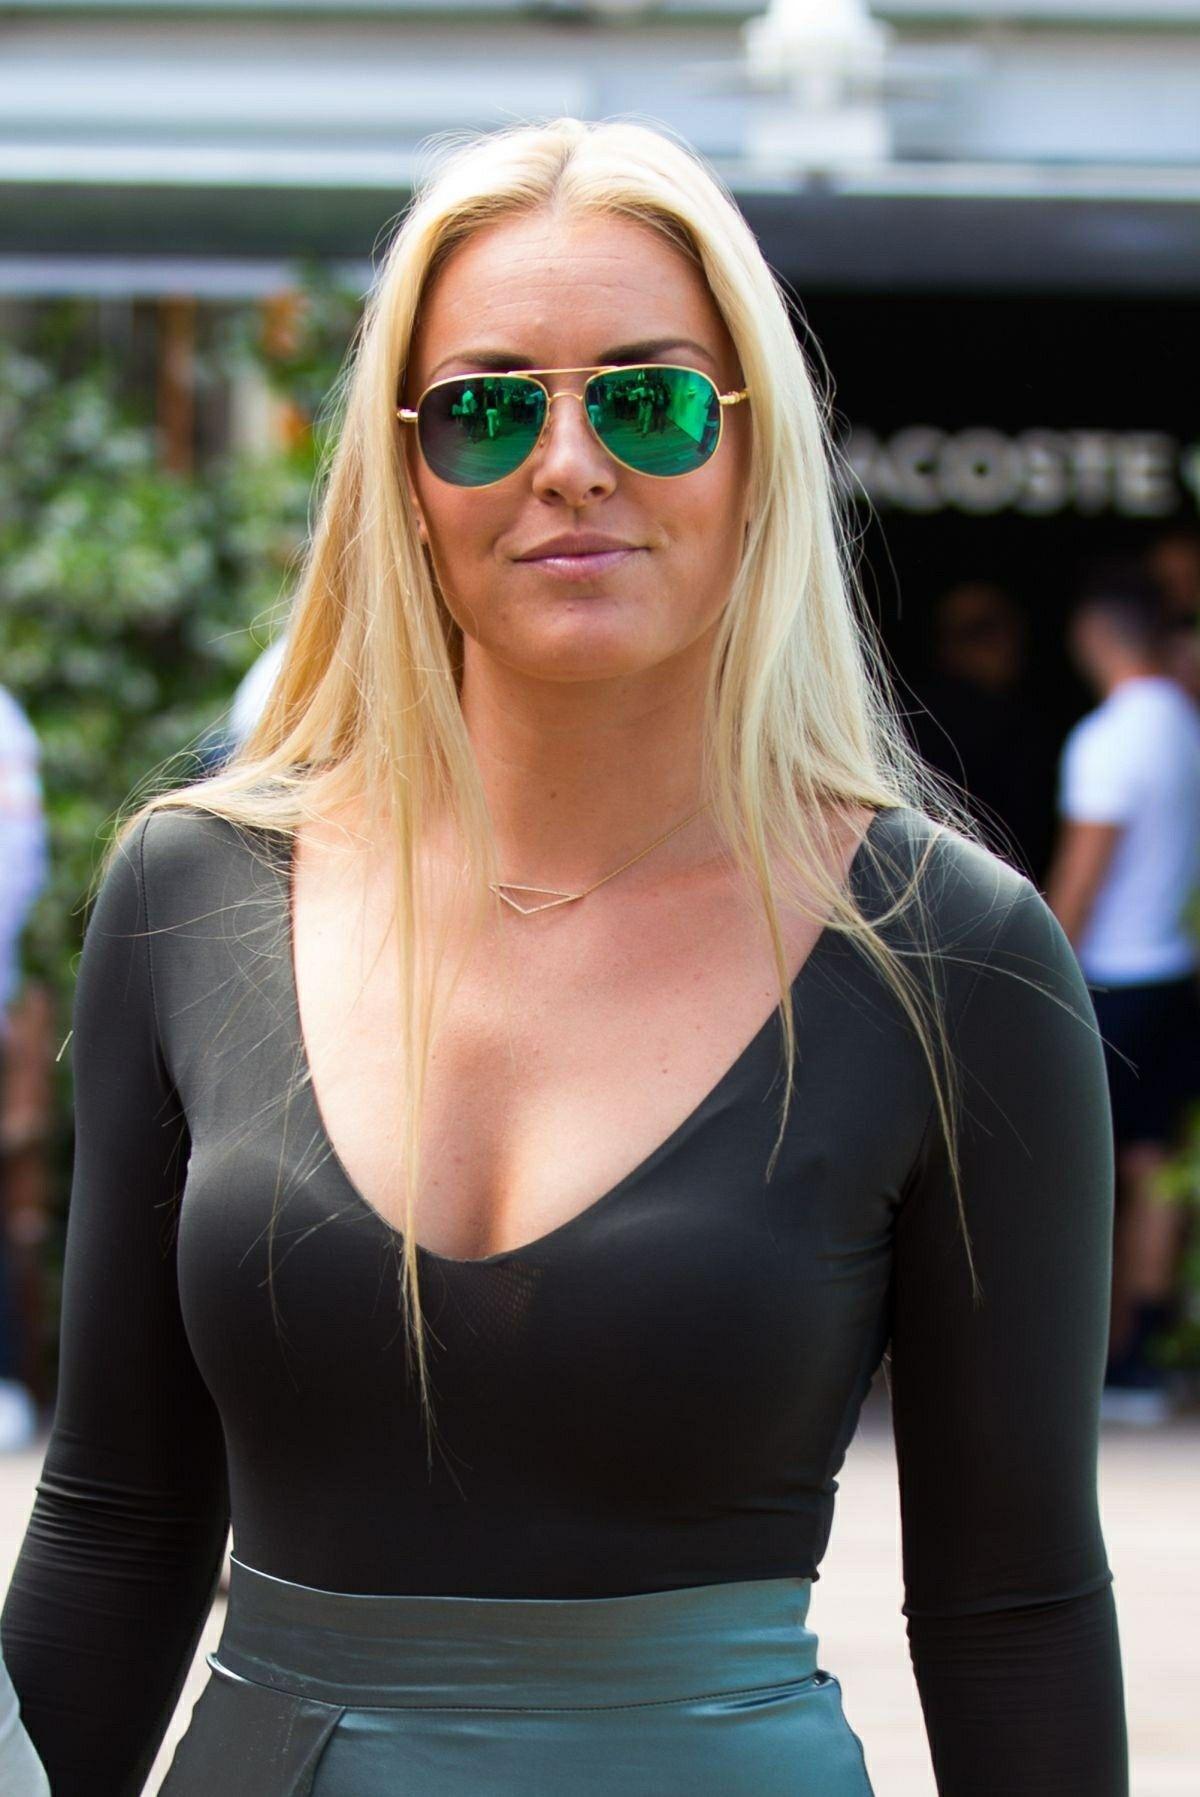 Hot Ass Lindsey Vonn naked photo 2017